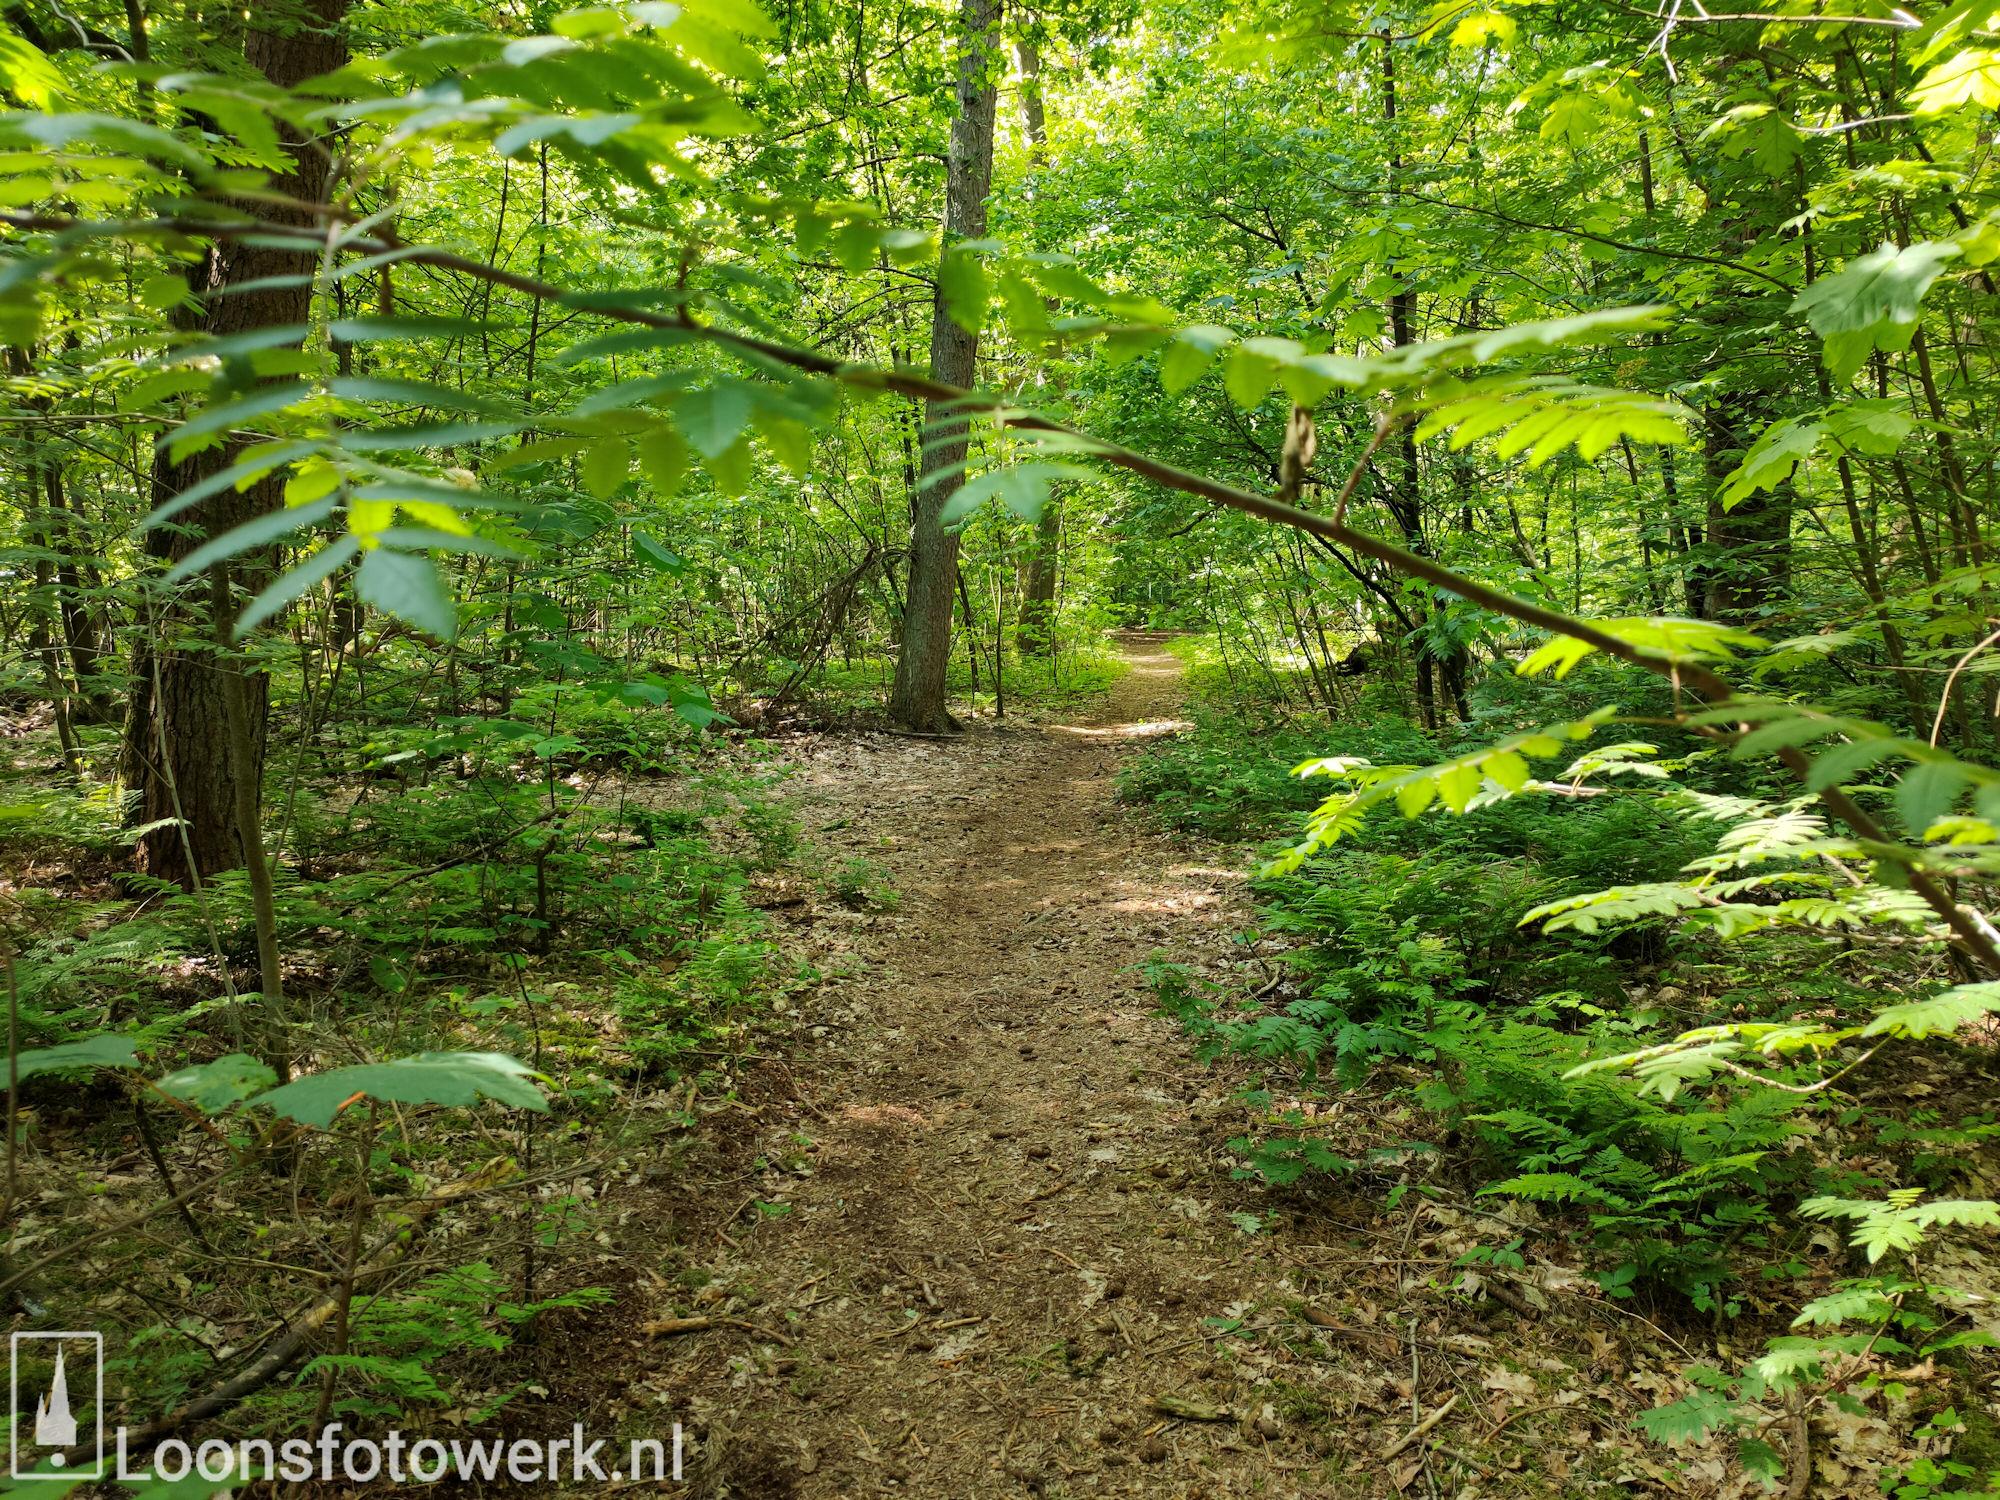 Fris groen in bosgebied 11